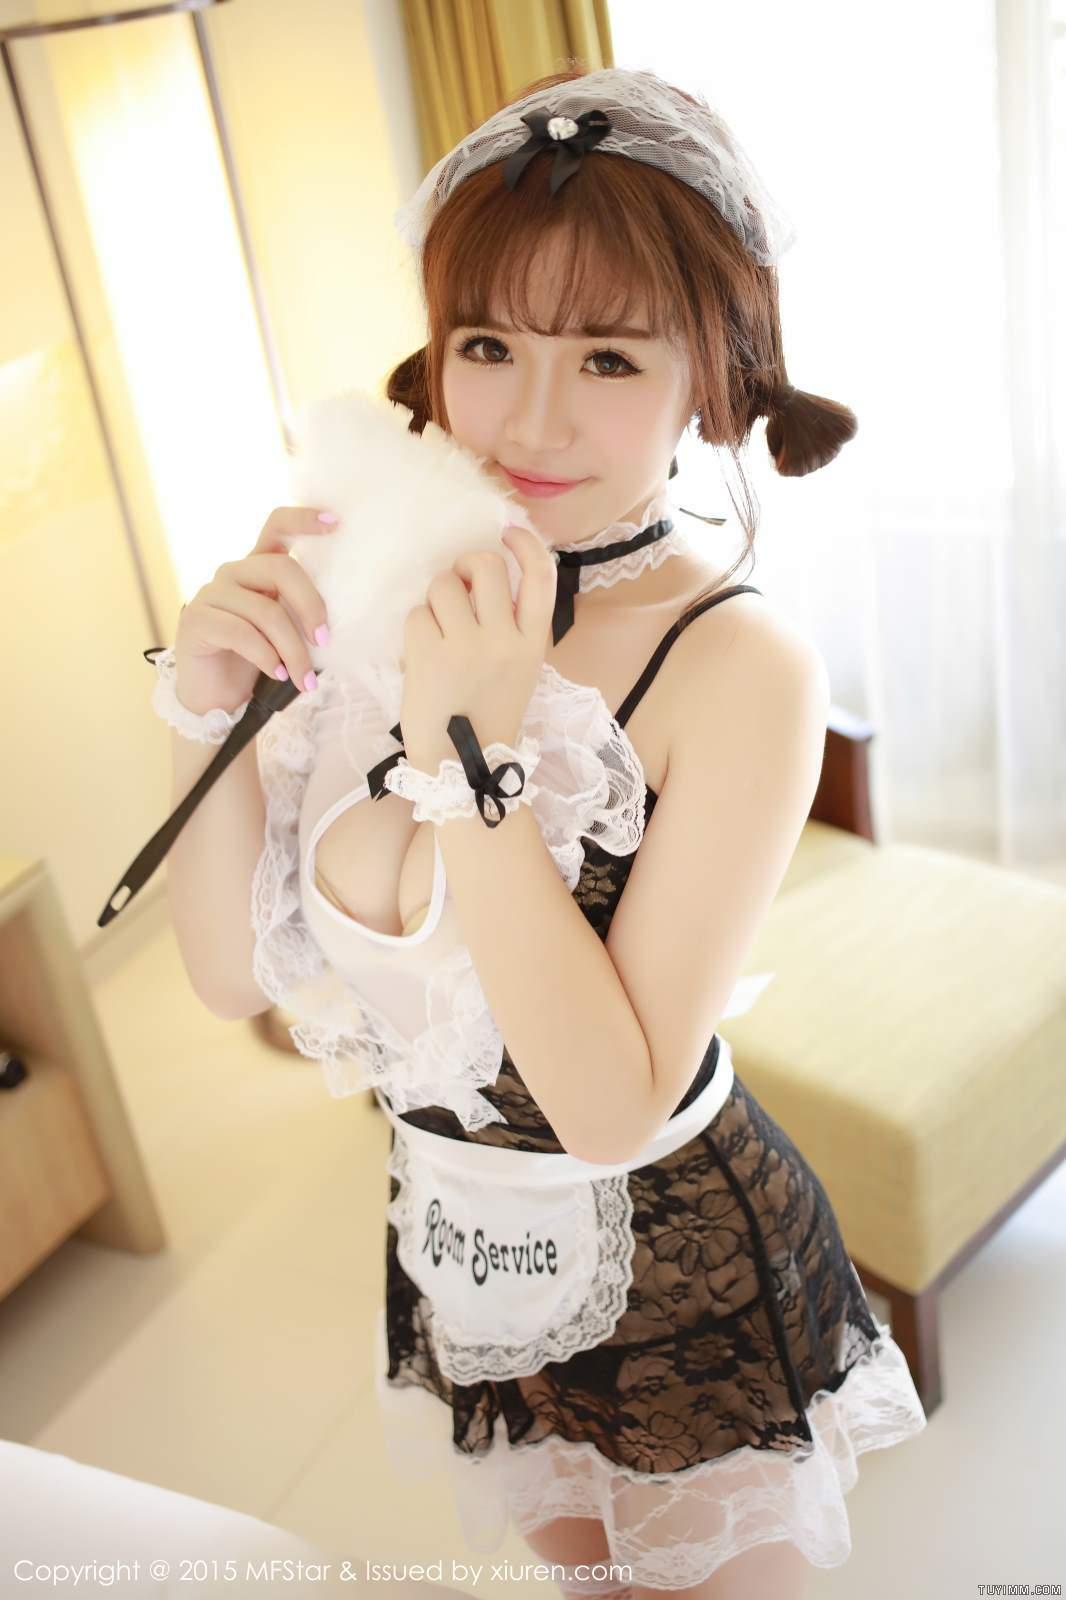 [福利]漂亮御姐护士肉丝脱衣制服诱惑爆乳福利写真-第22张图片-哔哔娱乐网